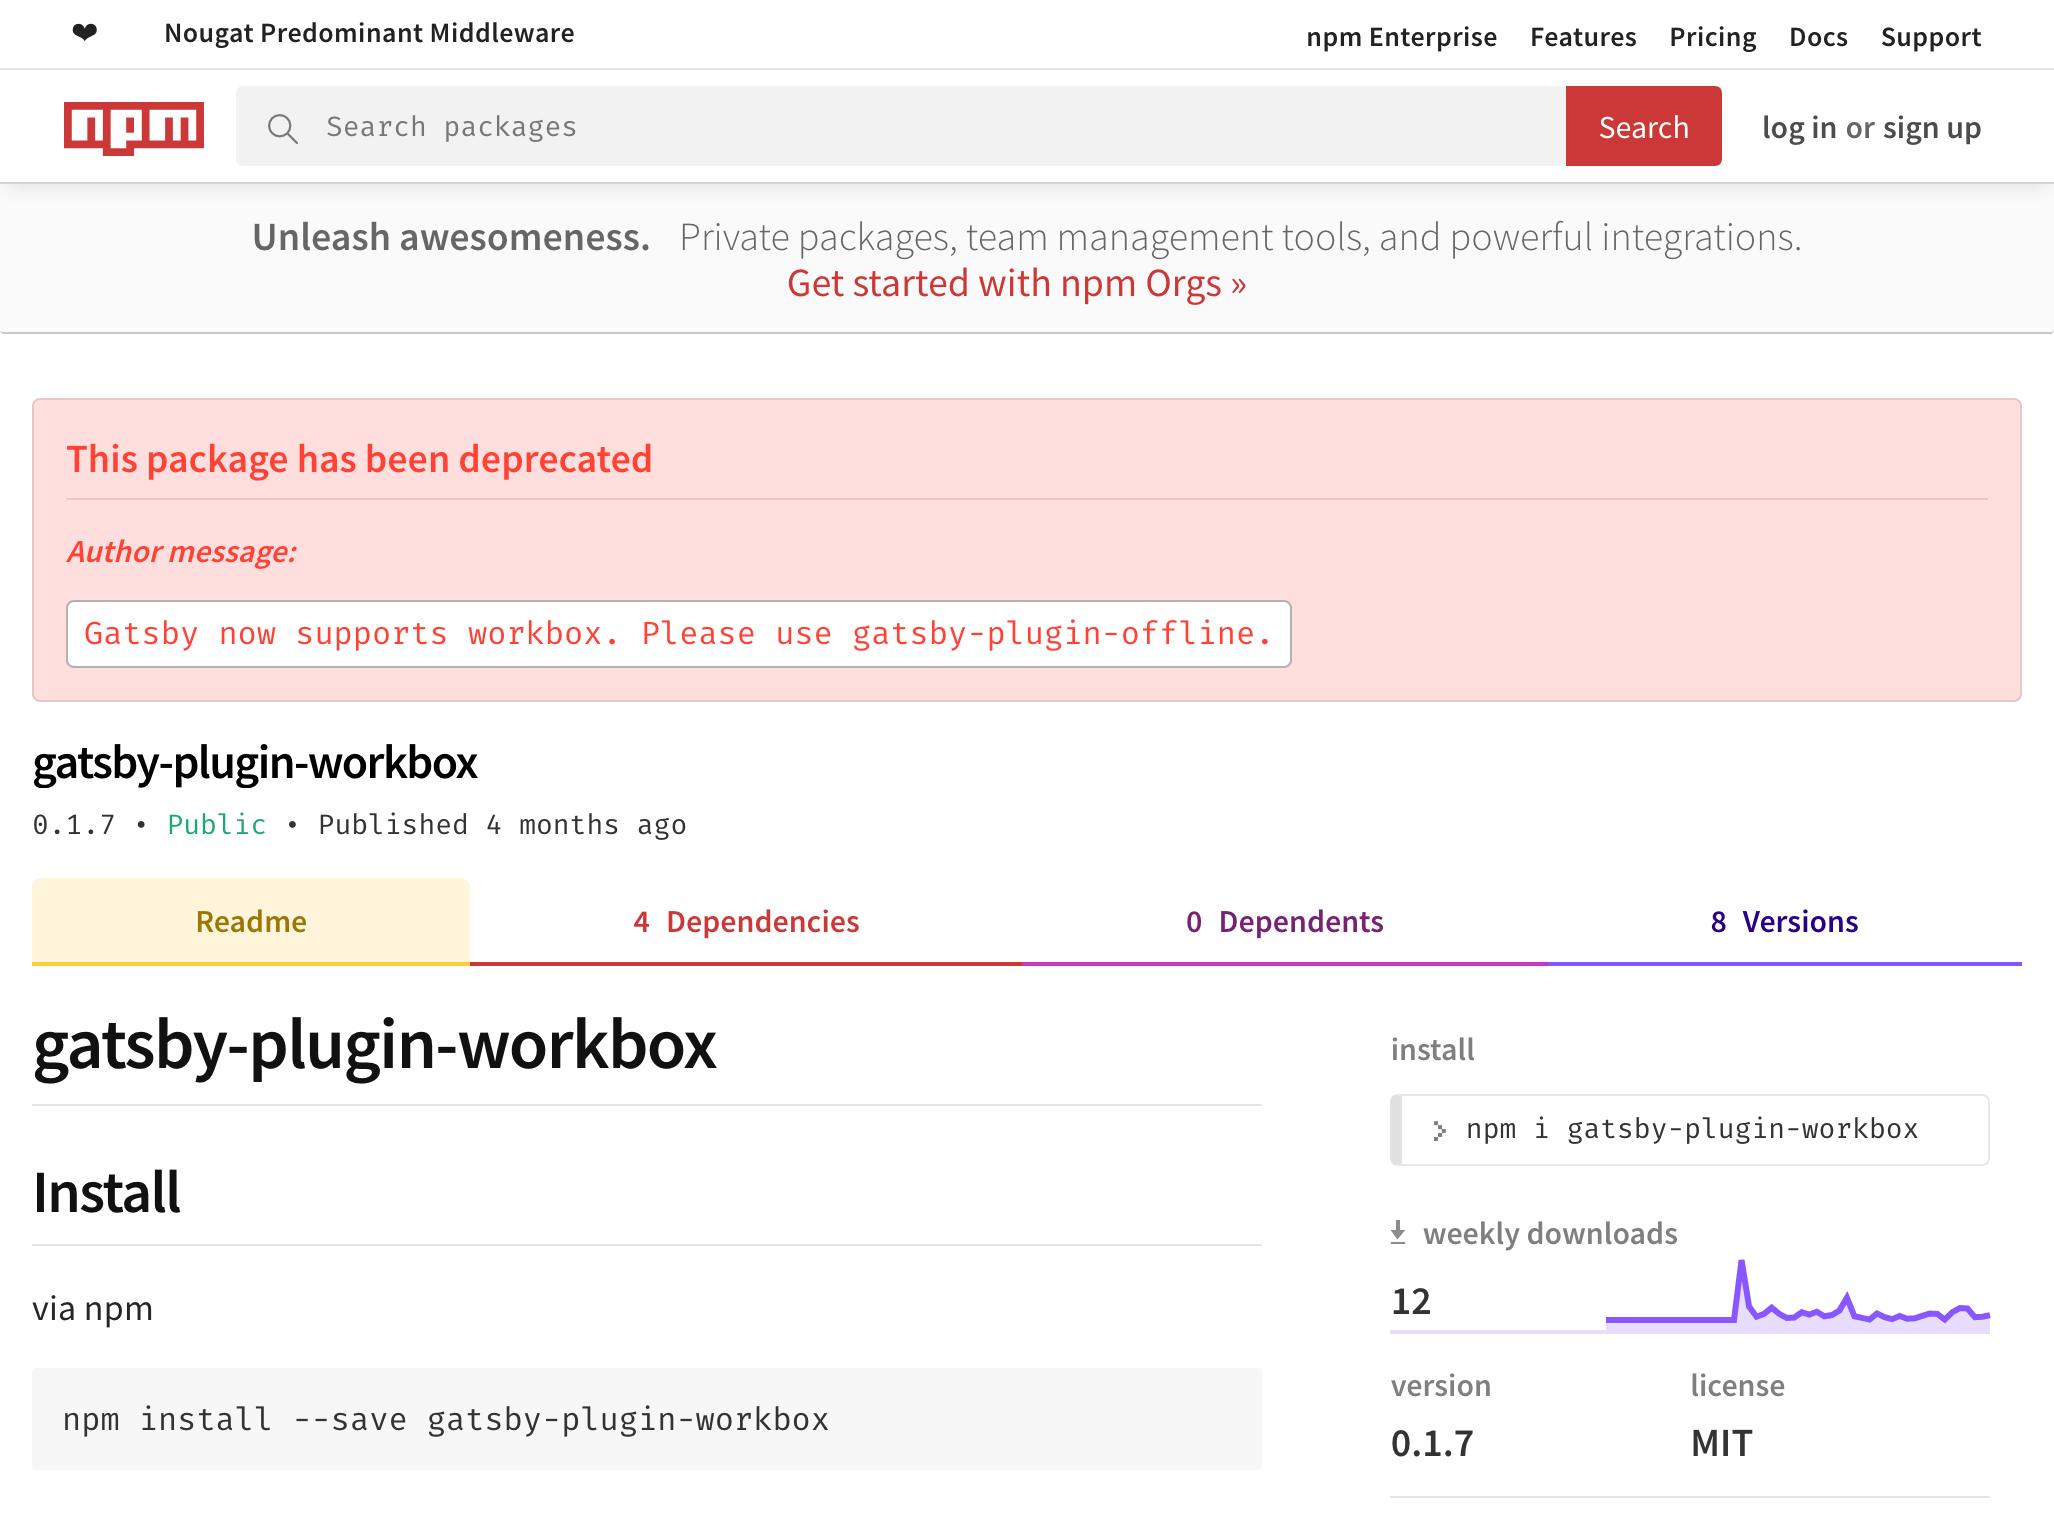 www.npmjs.com_package_gatsby-plugin-workbox.png (265.2 kB)